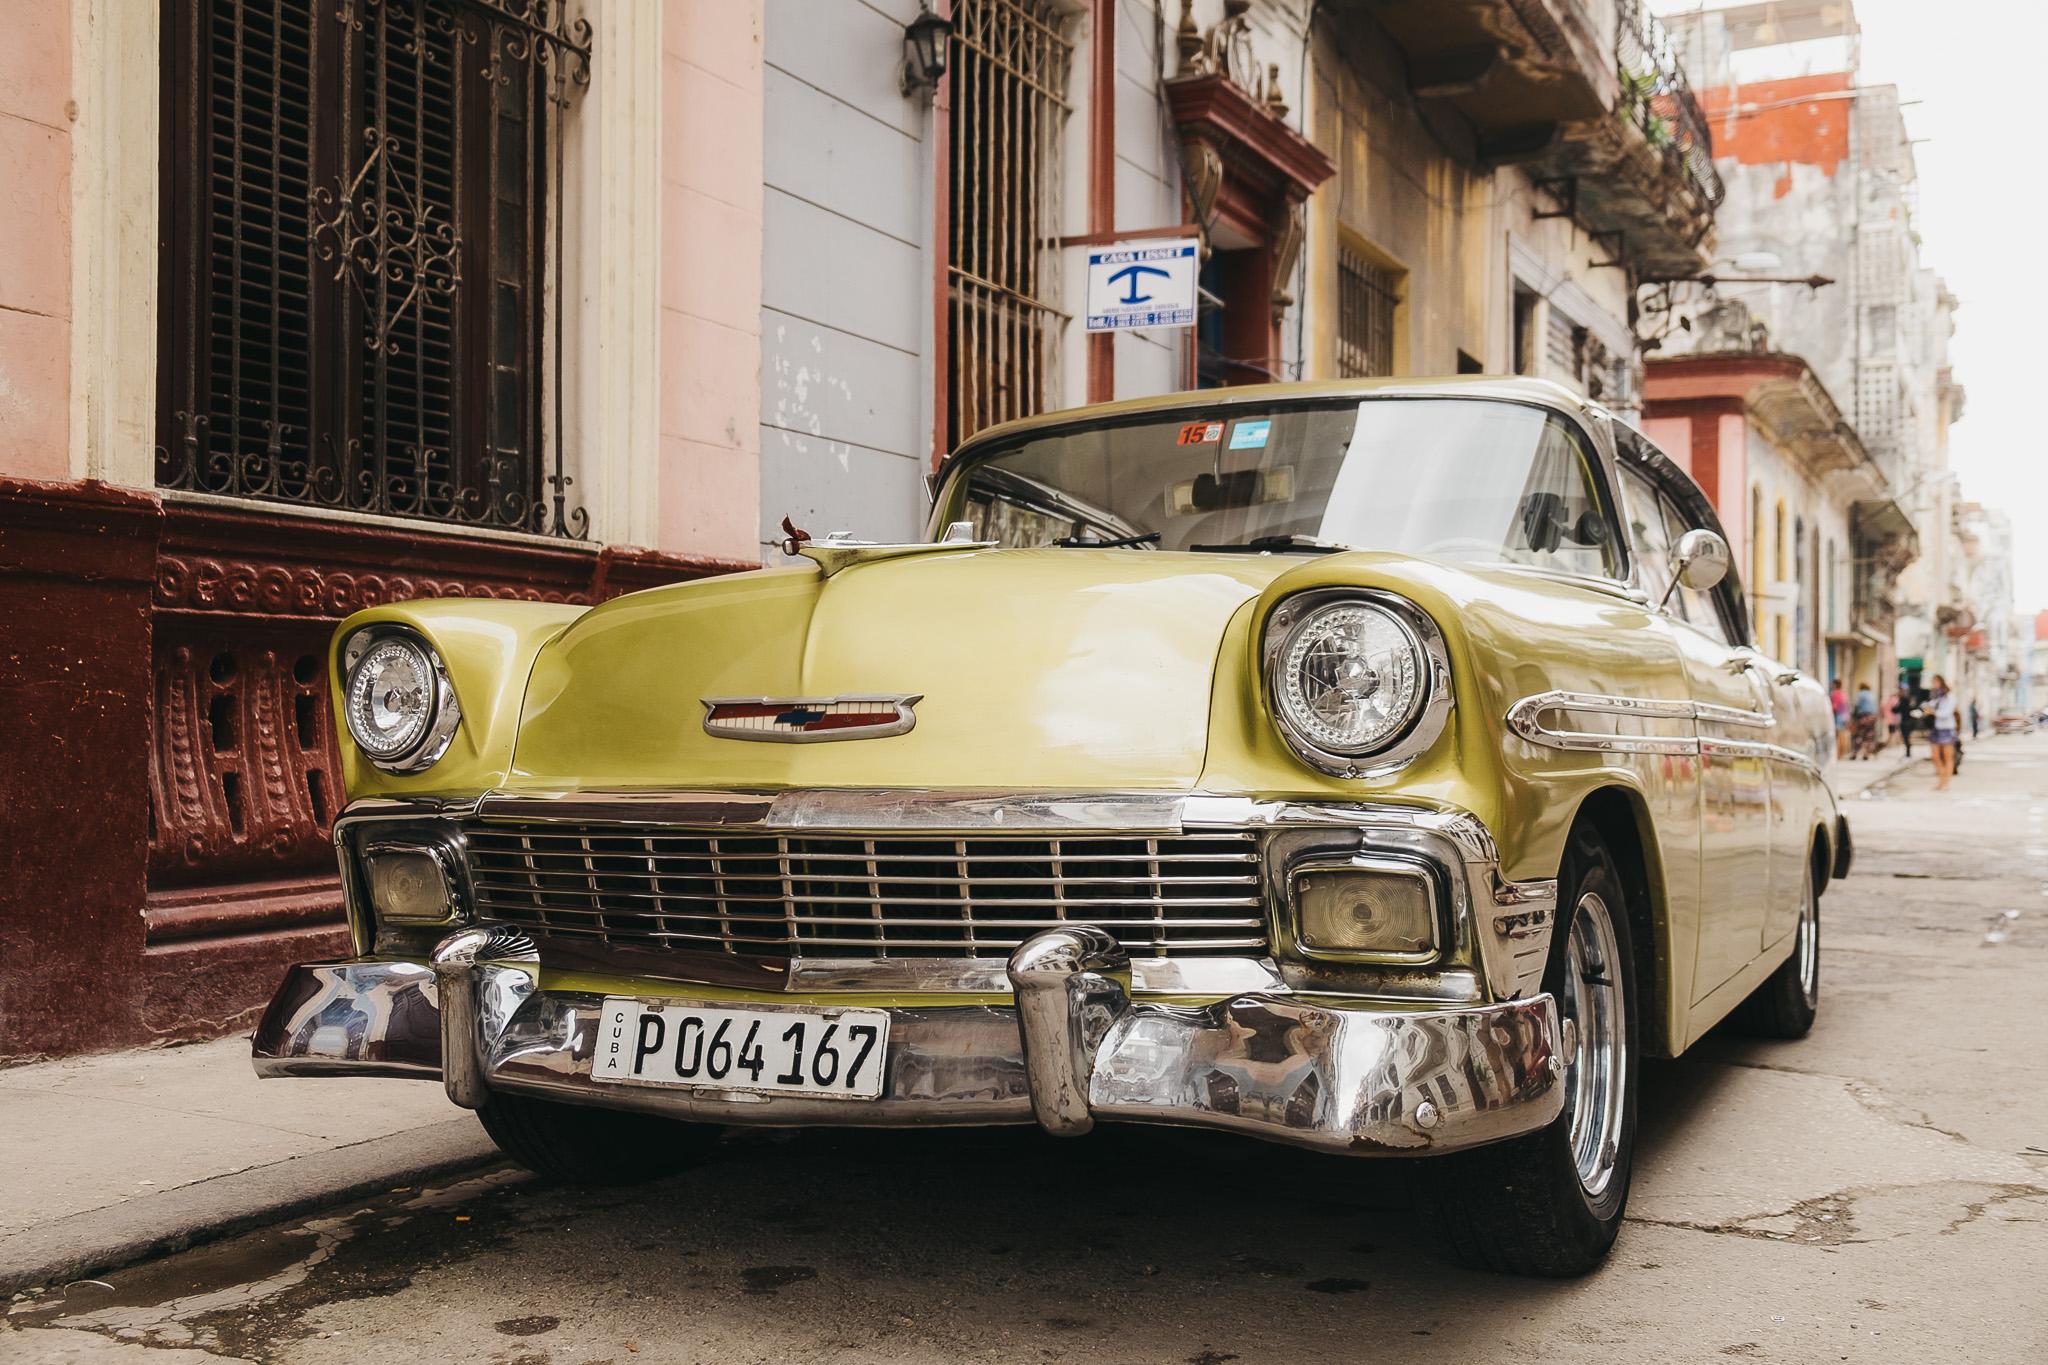 Cuba-2017-12-Havana-0341.jpg